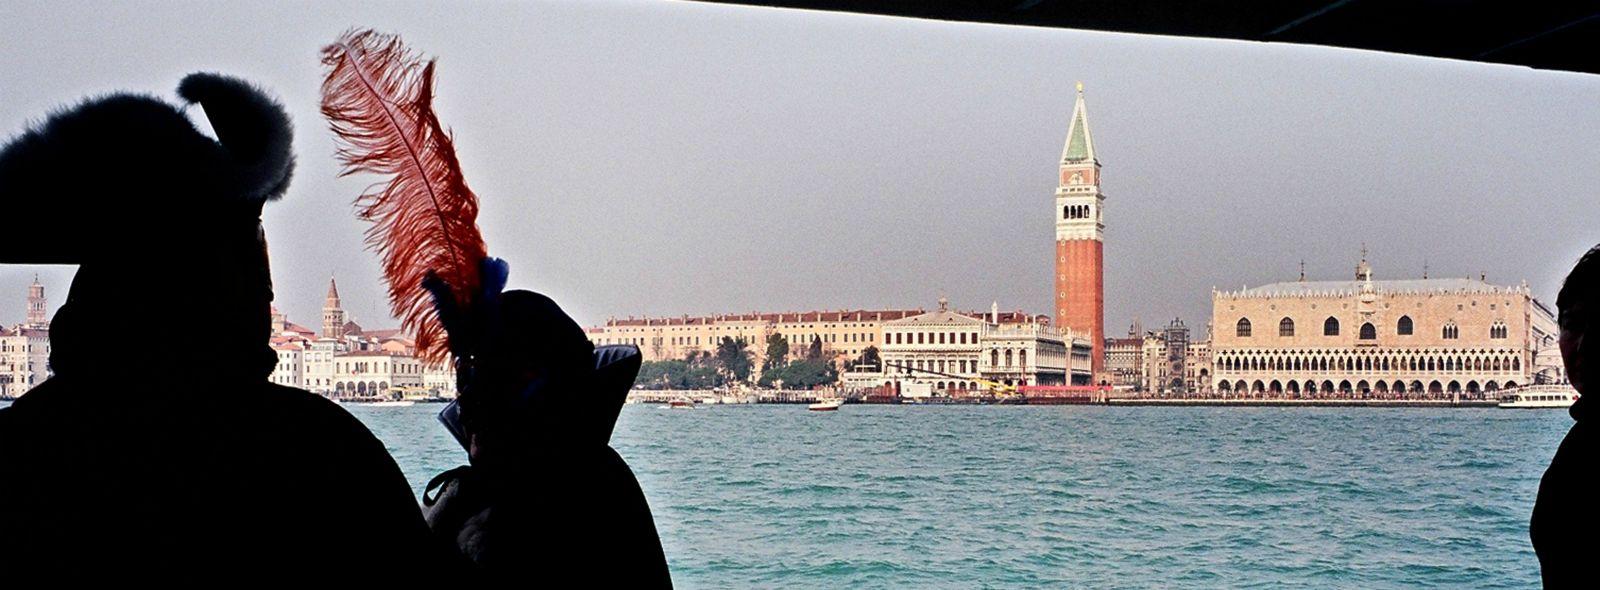 Tradizionale indumento dell'antica Venezia